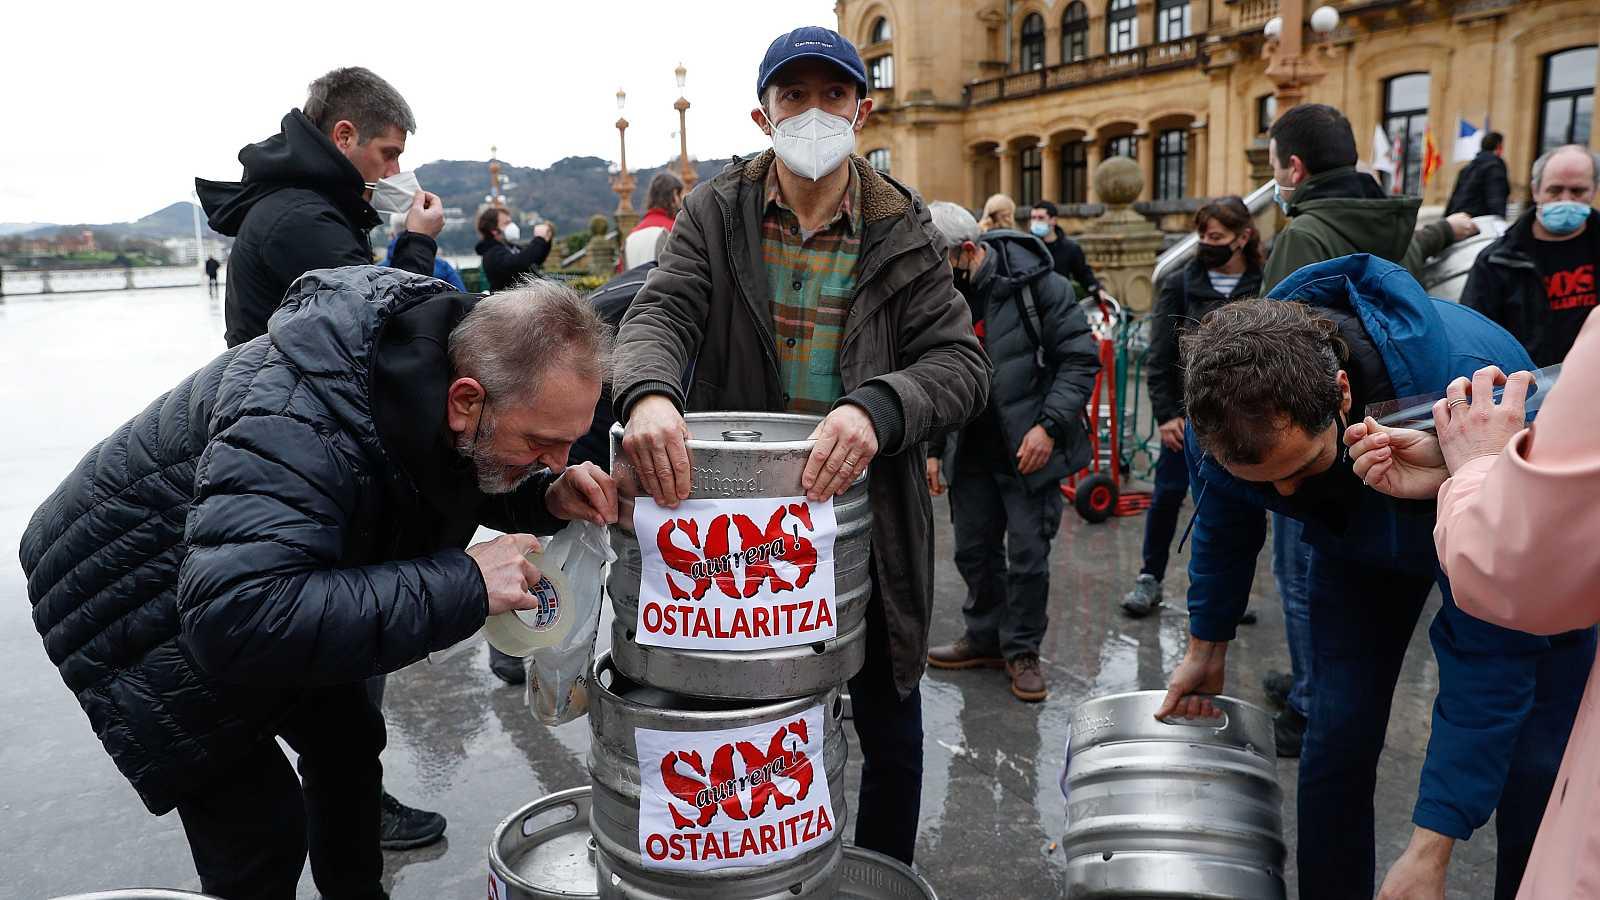 14 horas - La justicia autoriza cautelarmente la reapertura de la hostelería en el País Vasco - Escuchar ahora